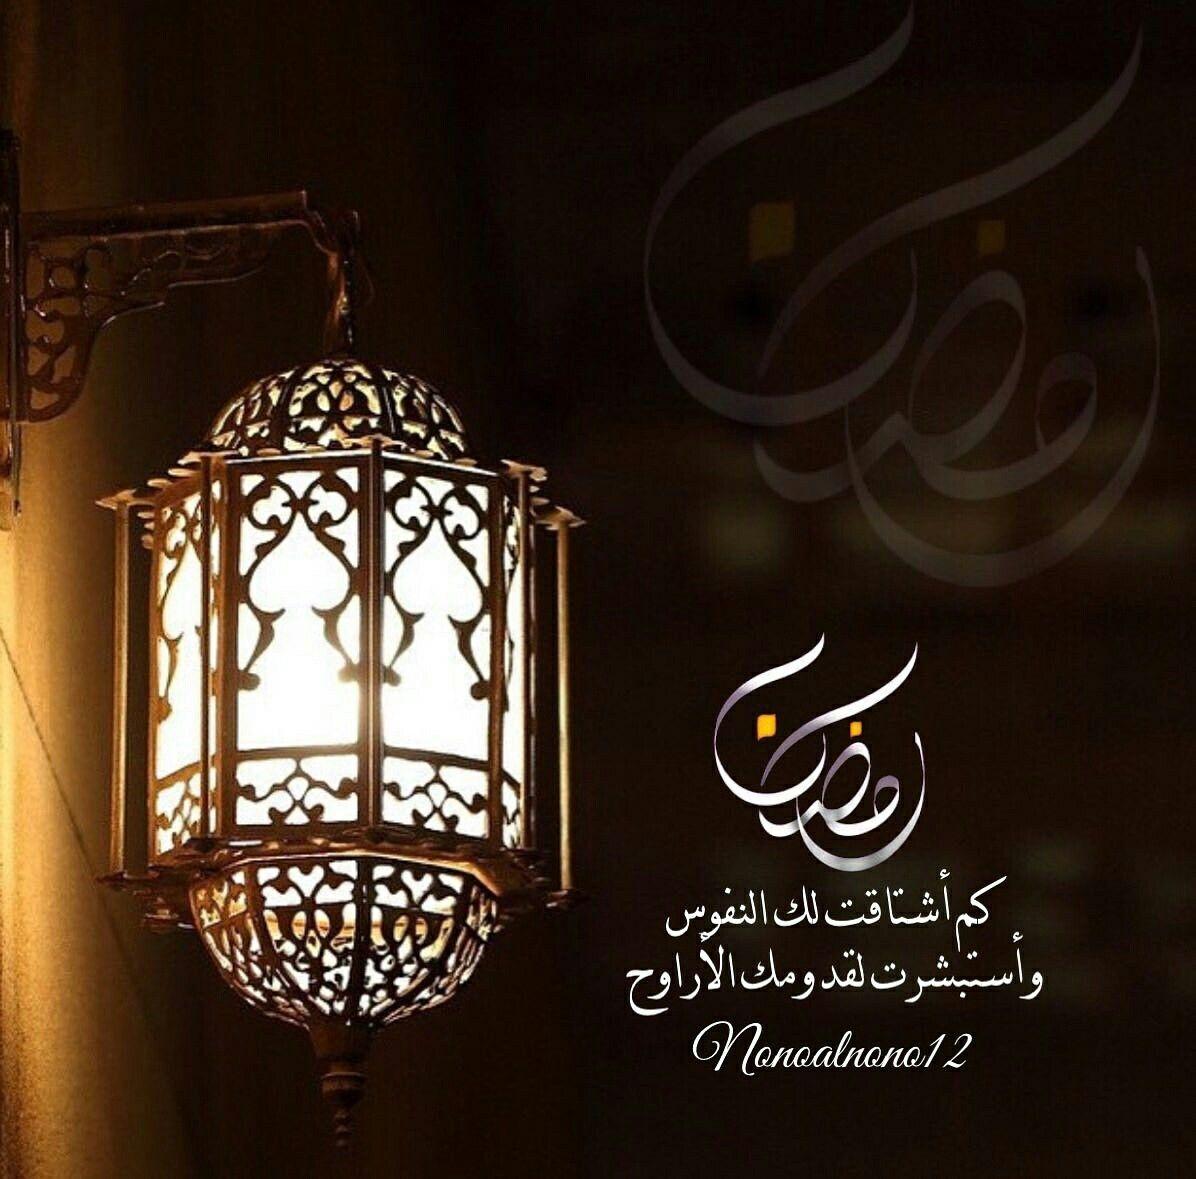 رمضان كريم Ceiling Lights Phone Wallpaper Chandelier